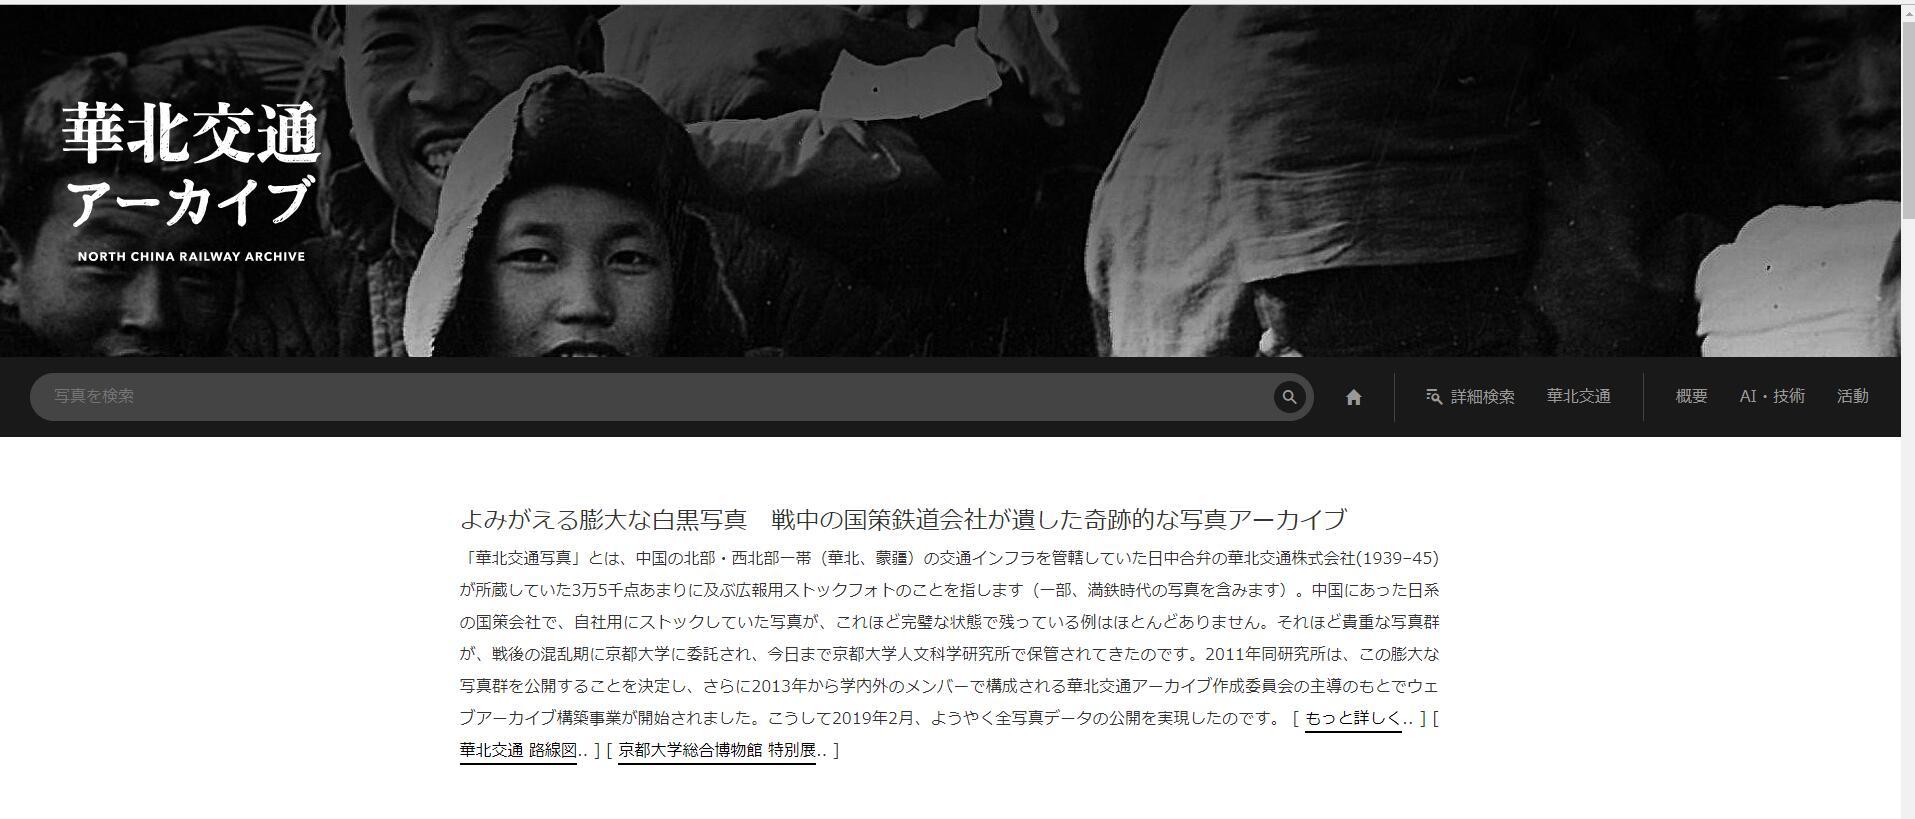 日本公开3.5万余张中国抗日战争时期老照片 系西日本地区首次